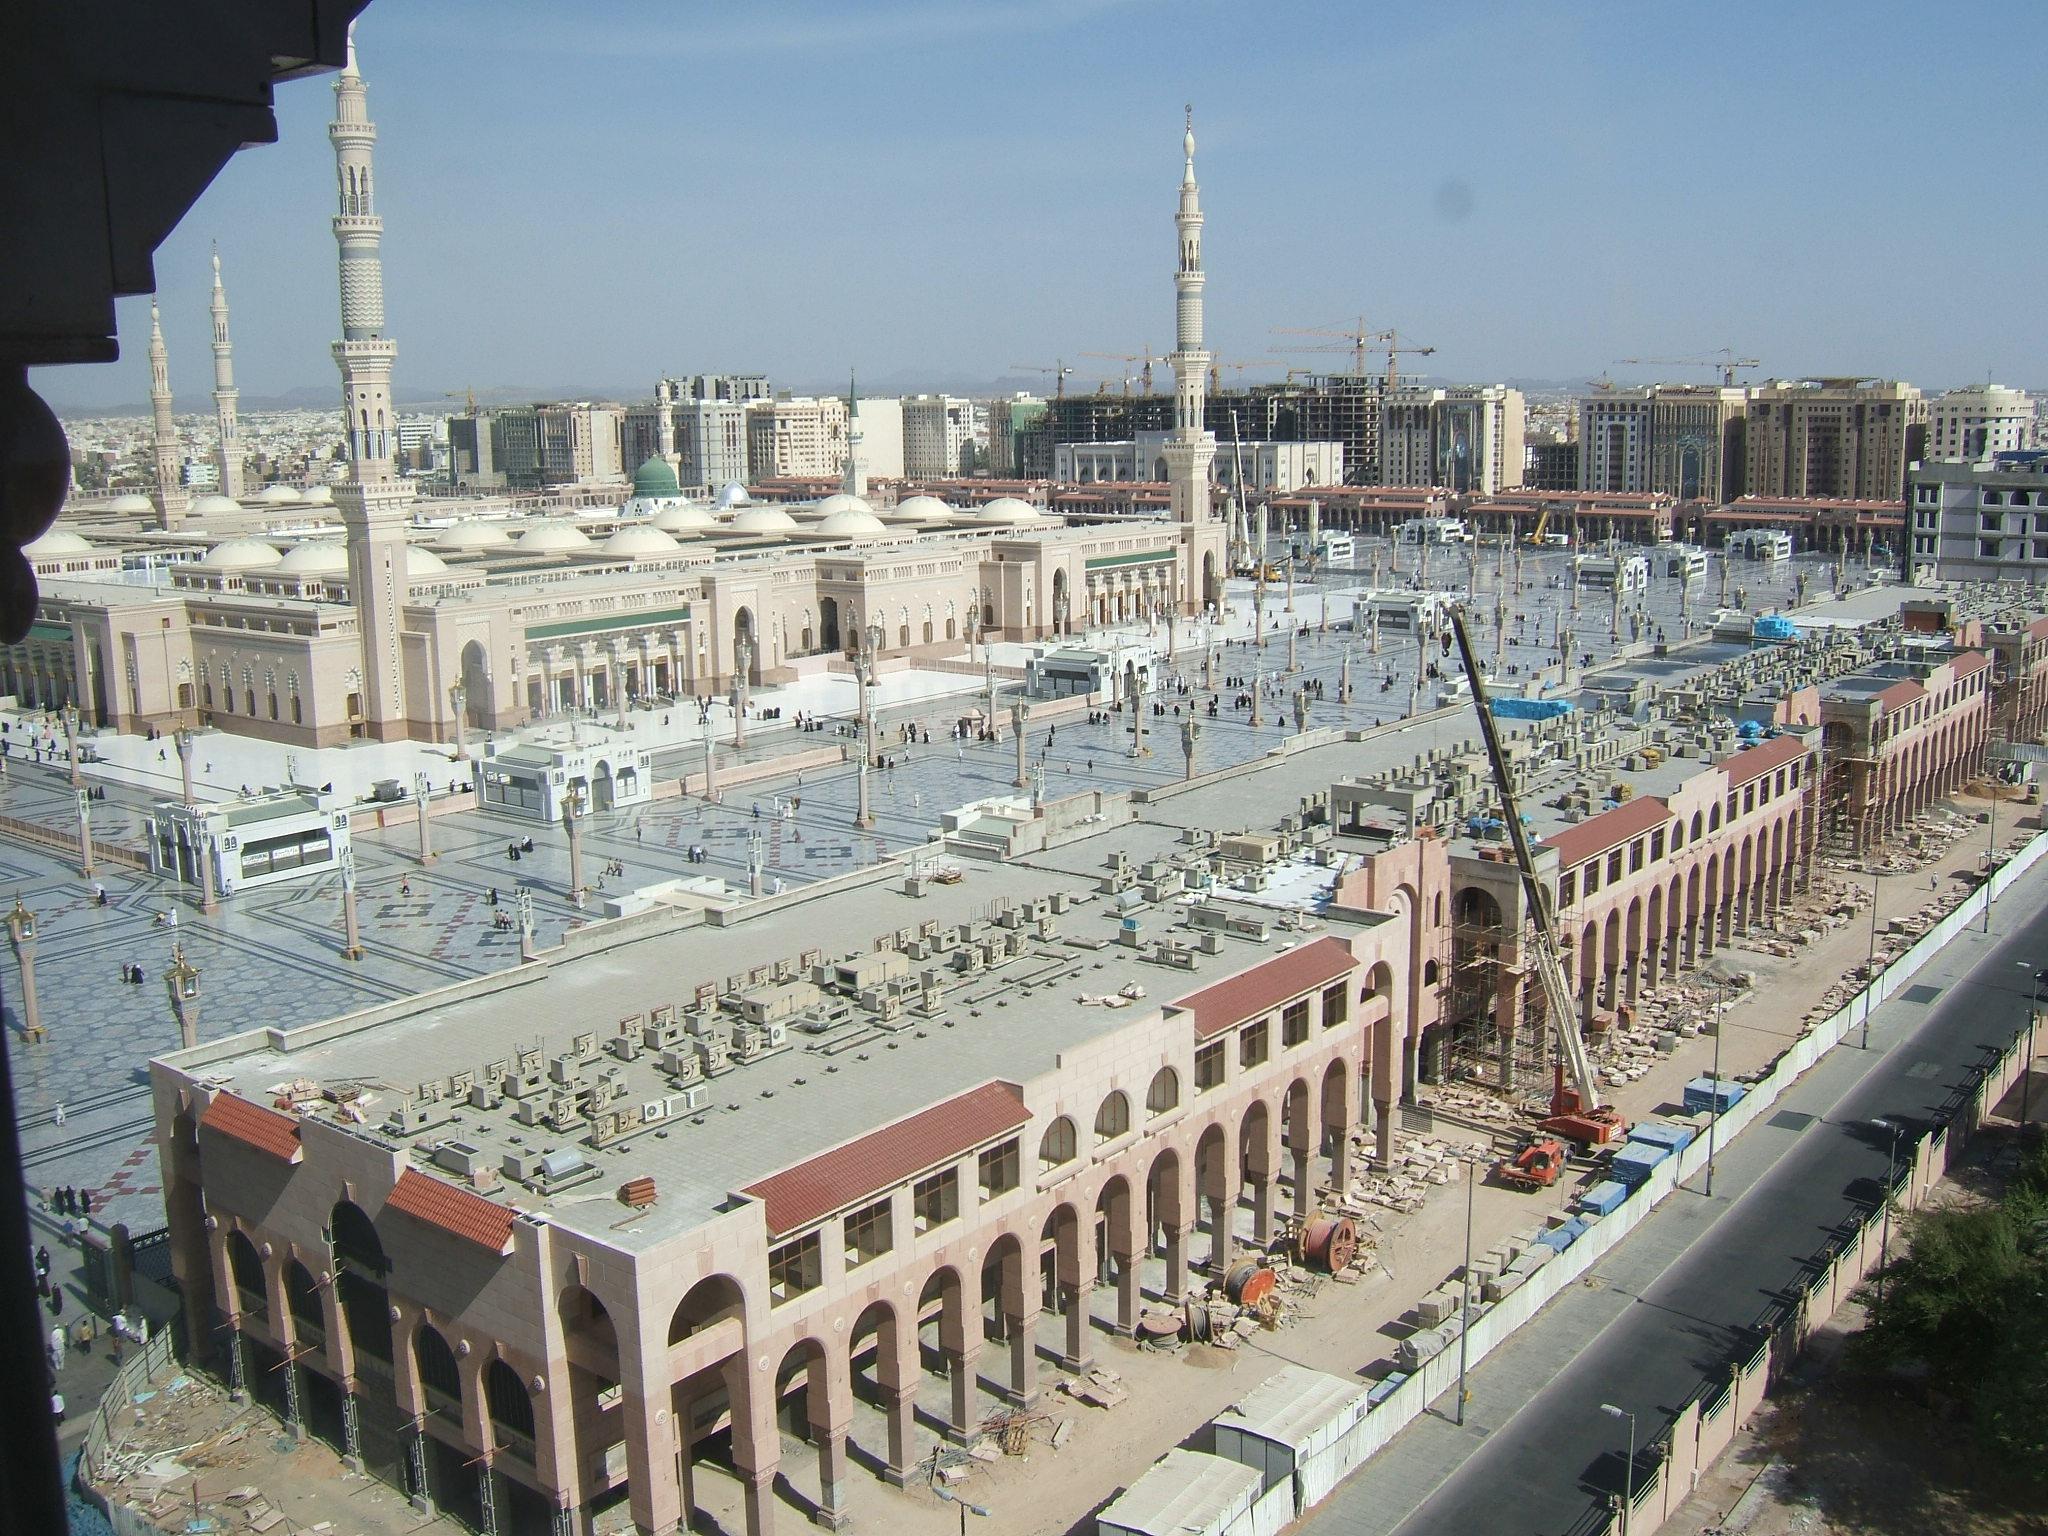 Мечеть ан-Набави (Мечеть Пророка)